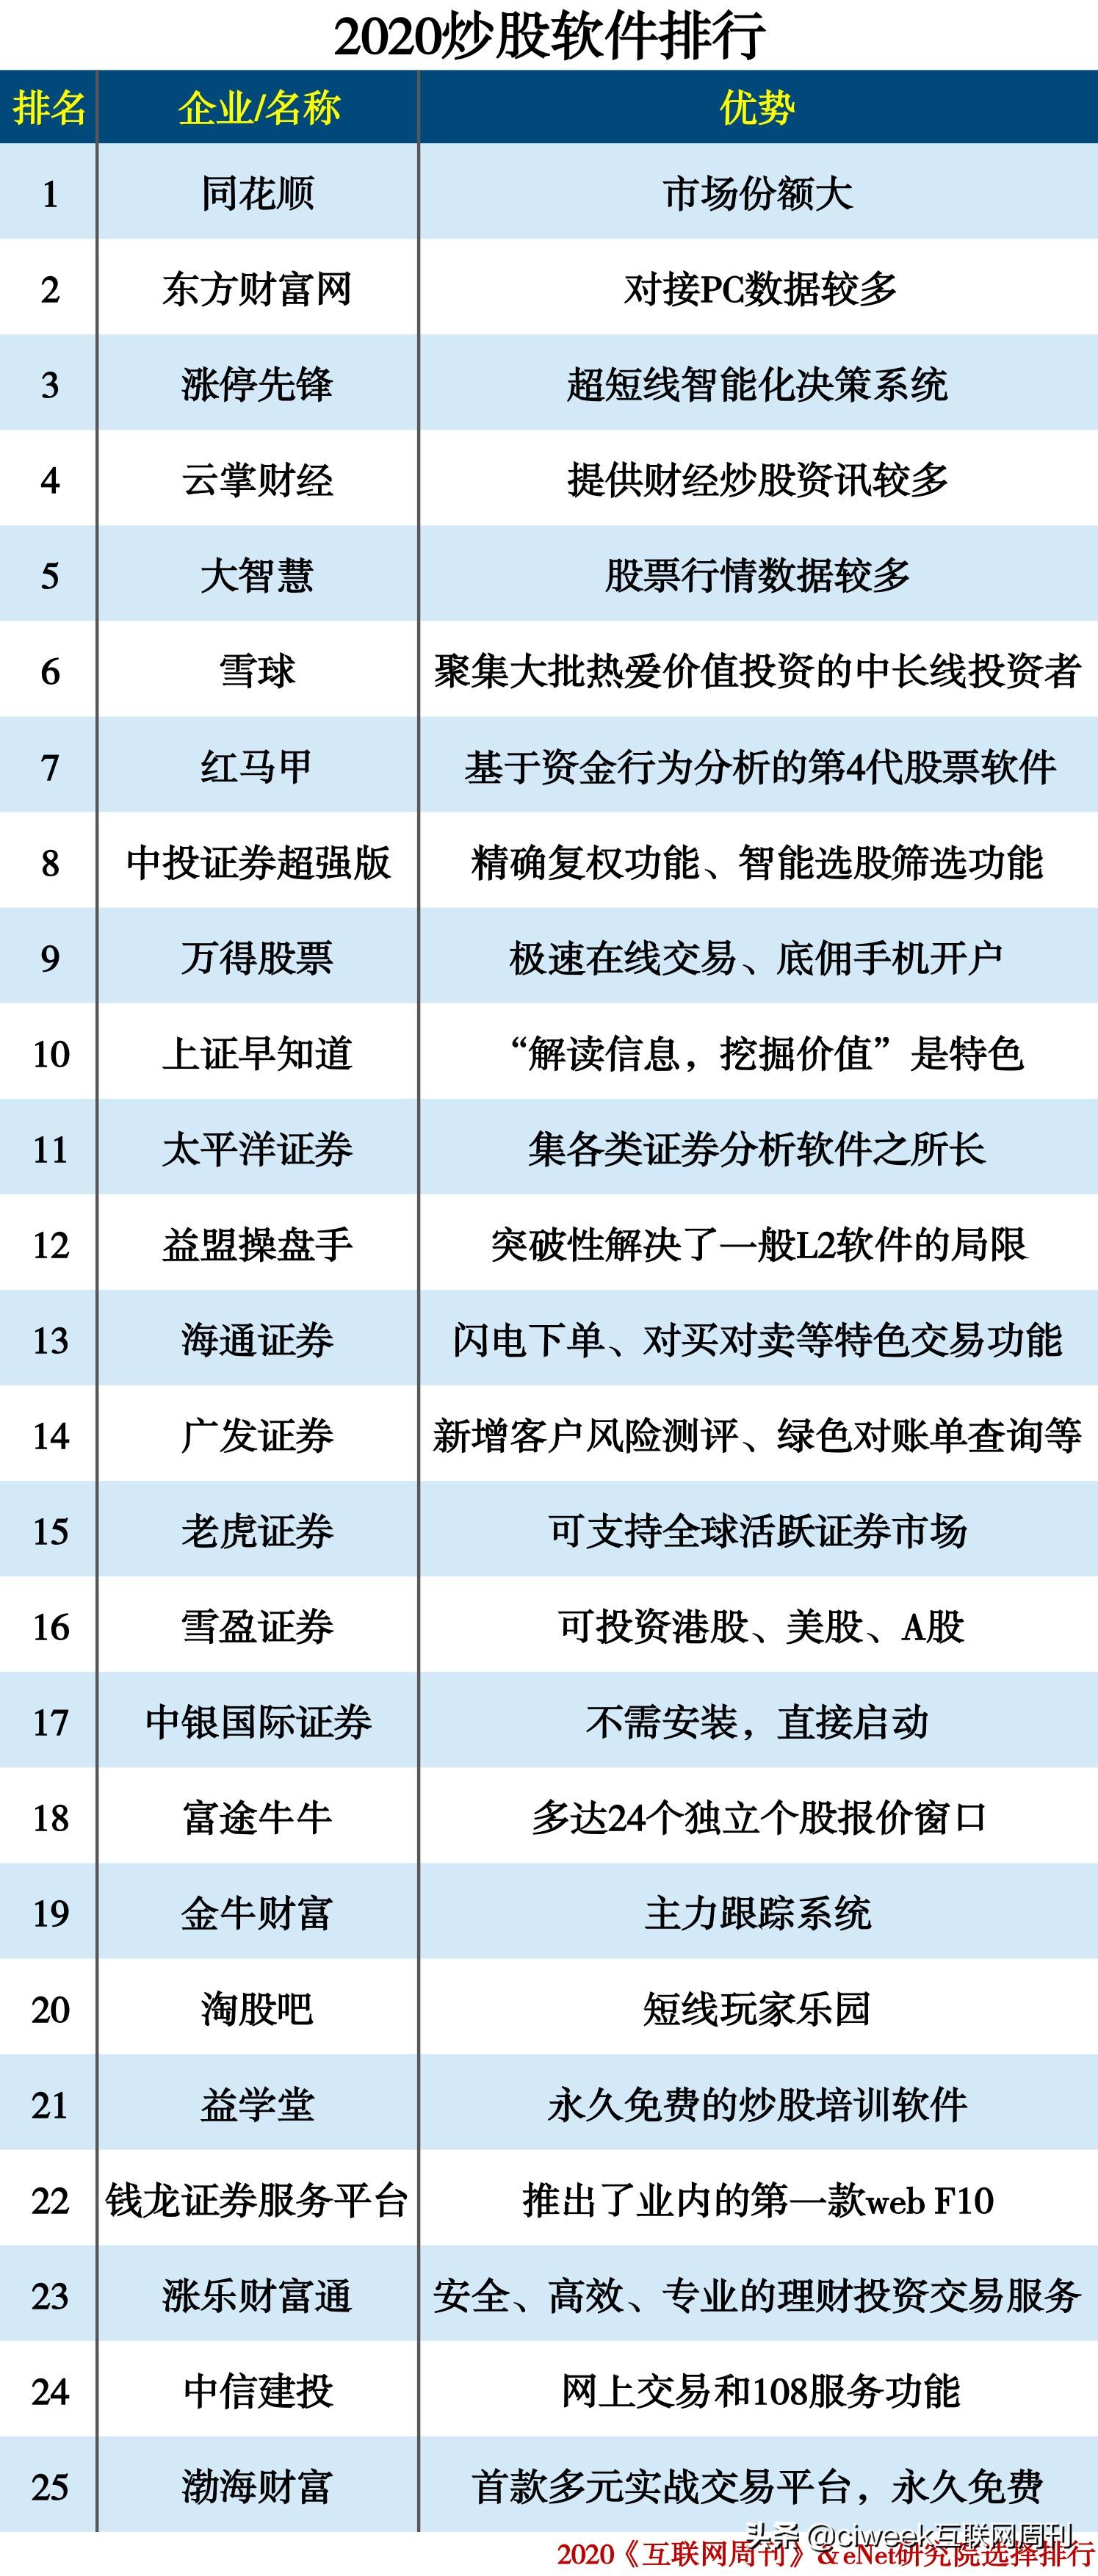 看股票软件十大排行榜(最新排名前十的股票软件)